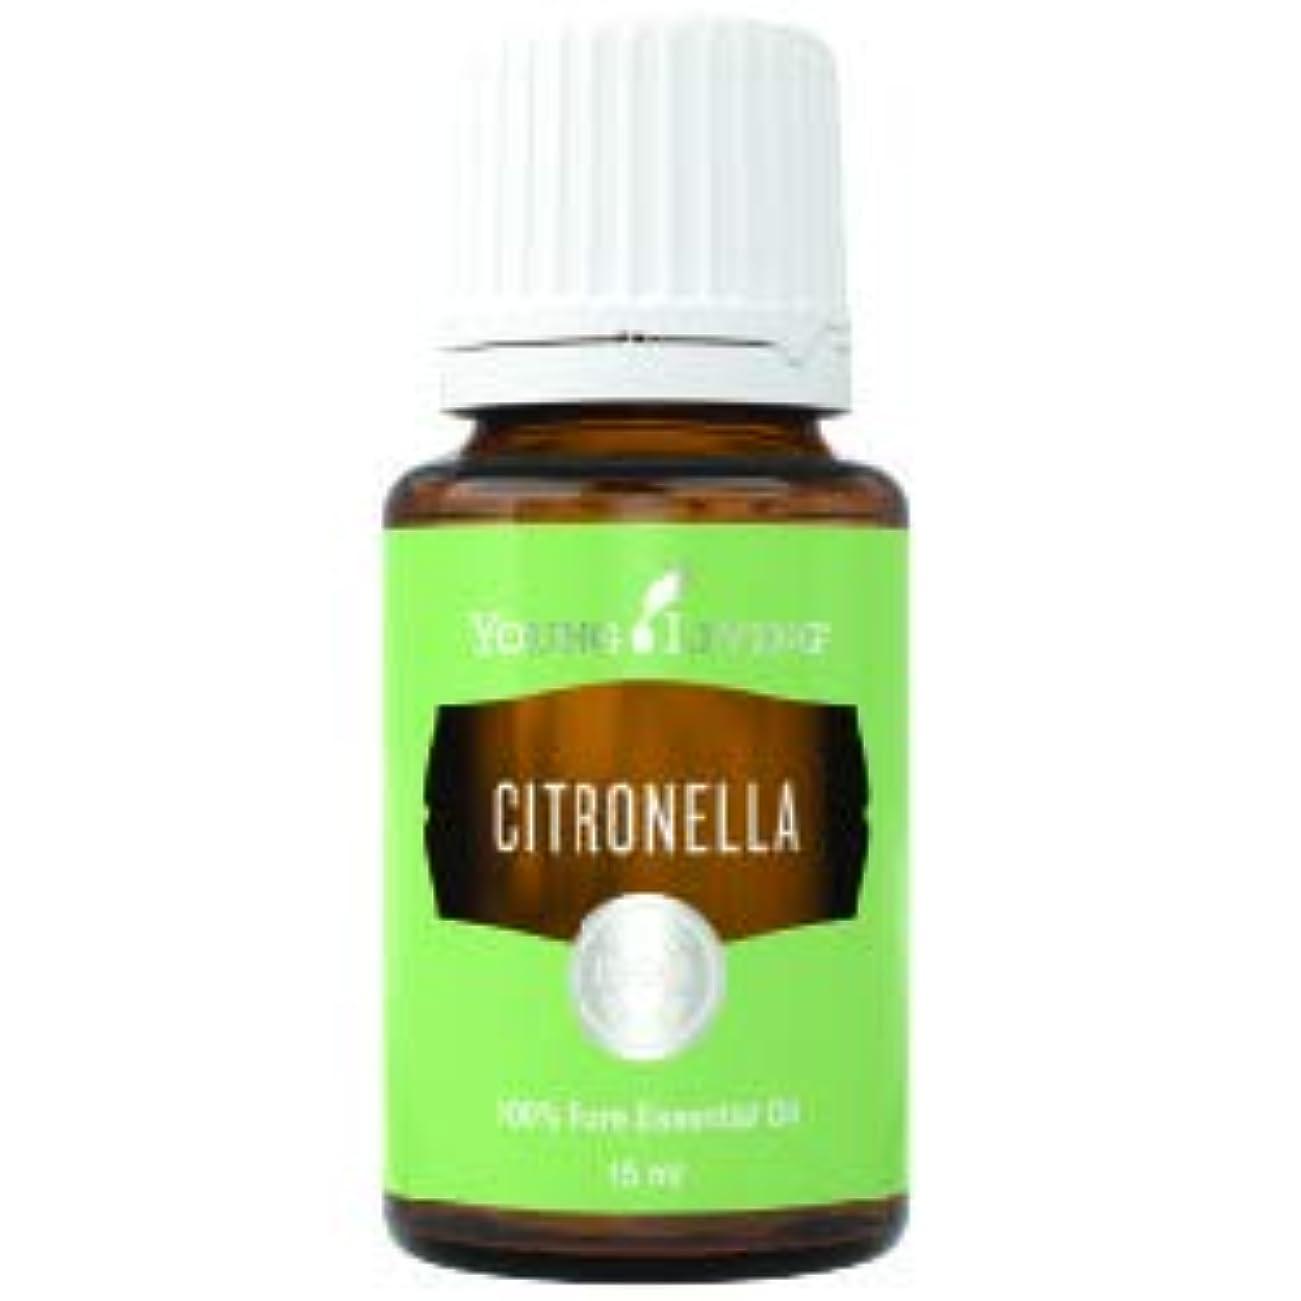 シトロネラエッセンシャルオイル15 ml byヤングリビングマレーシア Citronella Essential Oil 15 ml by Young Living Malaysia